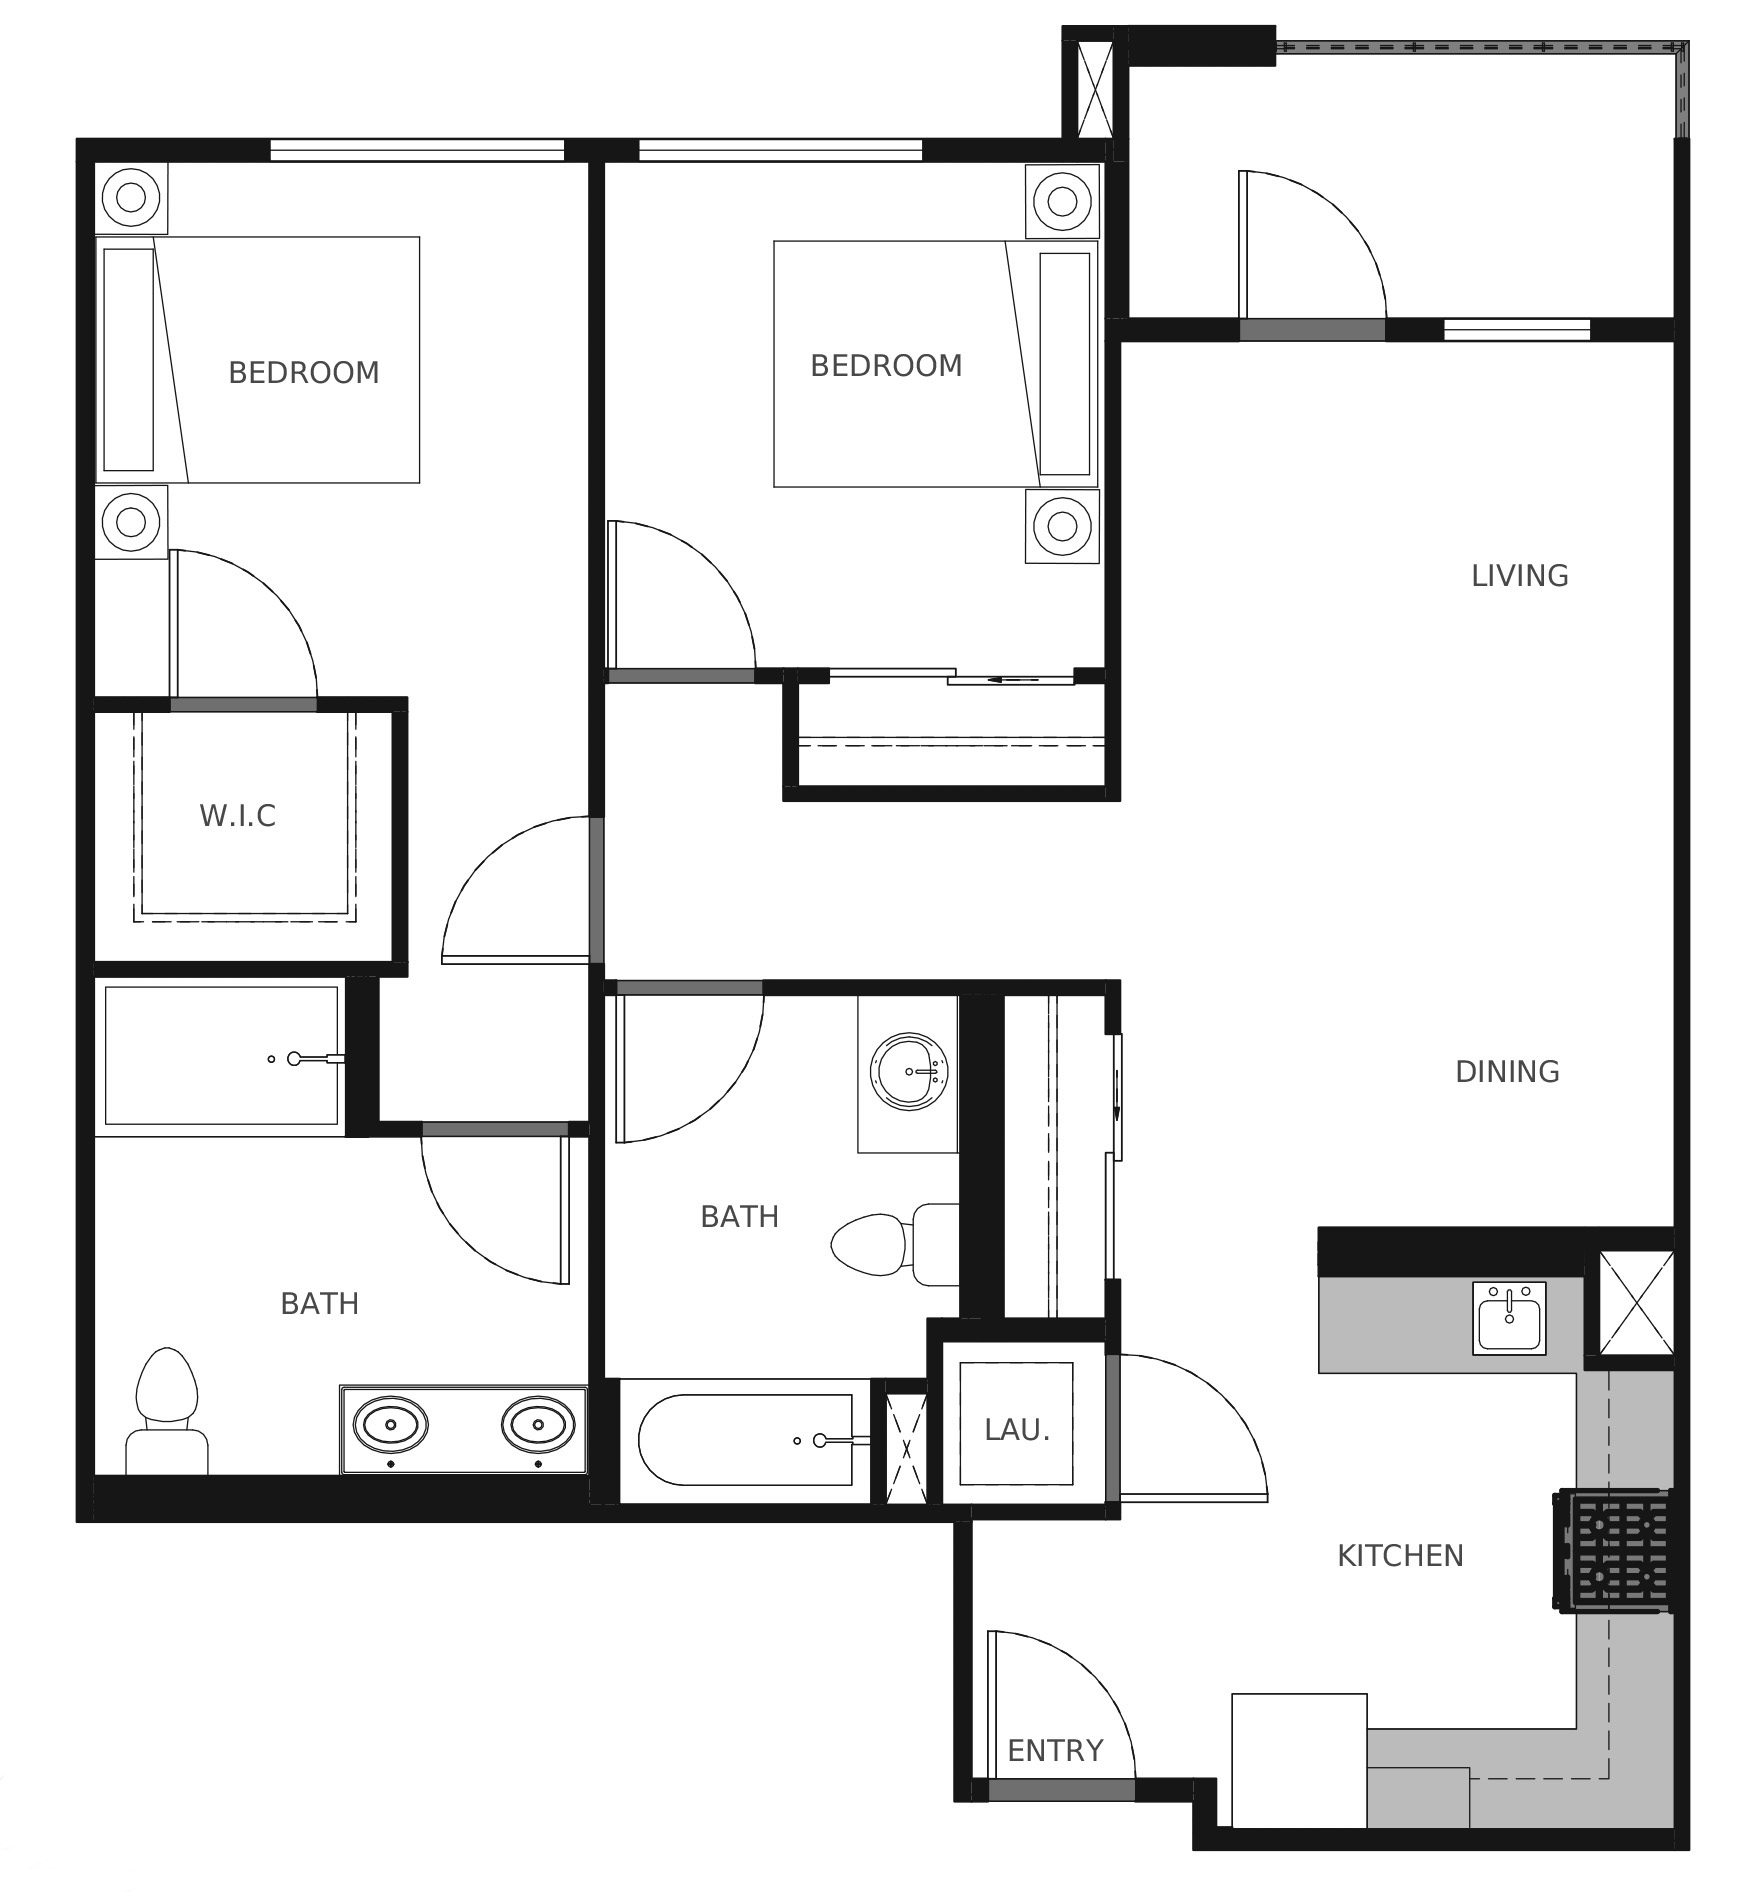 Plan B5 - 901 sq. ft.